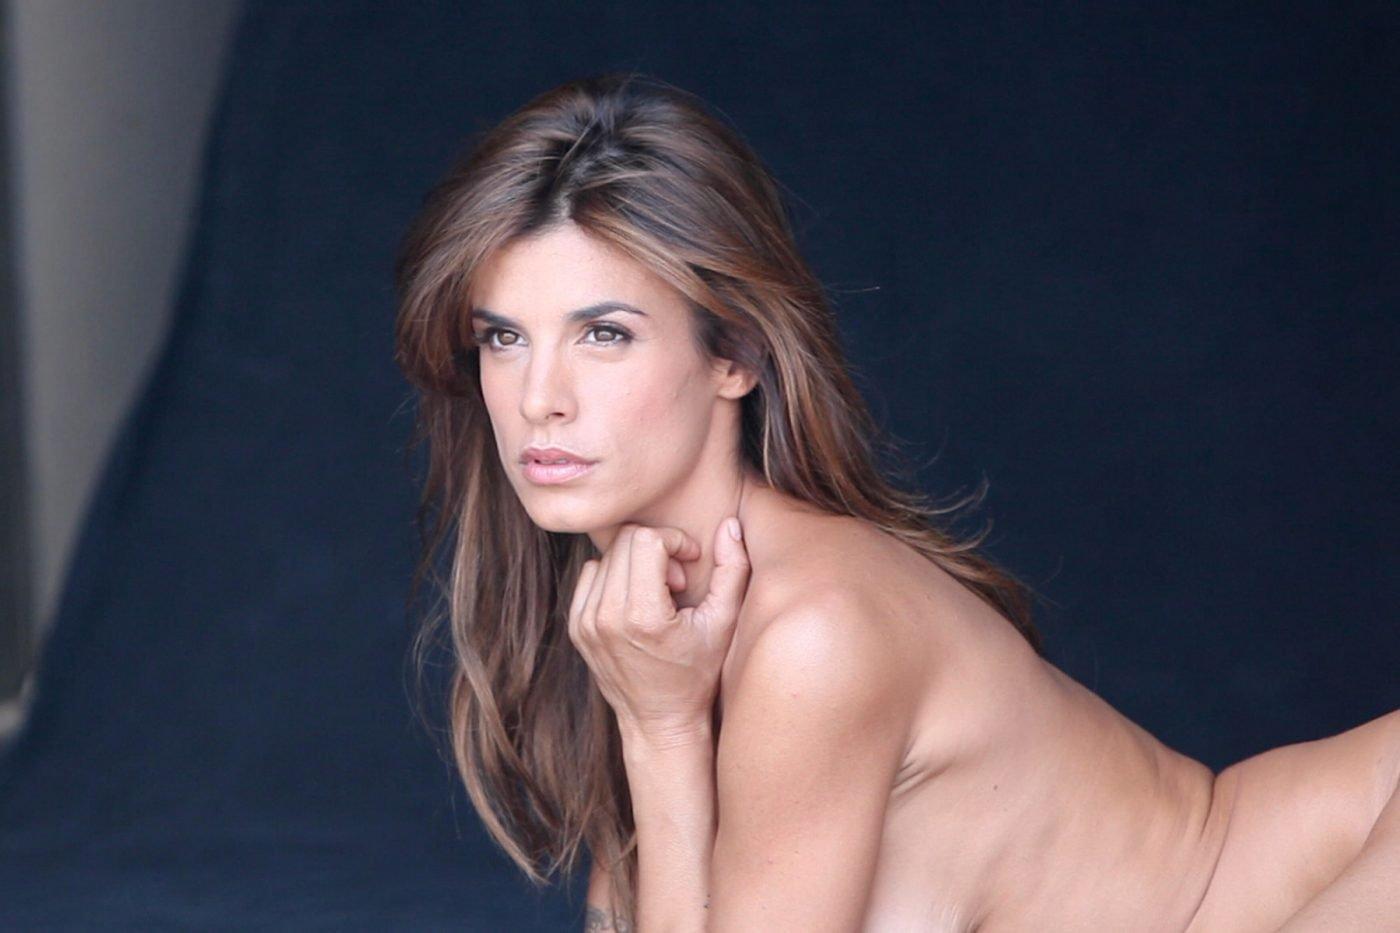 Piede deformato per Elisabetta Canalis? La stranezza notata dai fan della showgirl